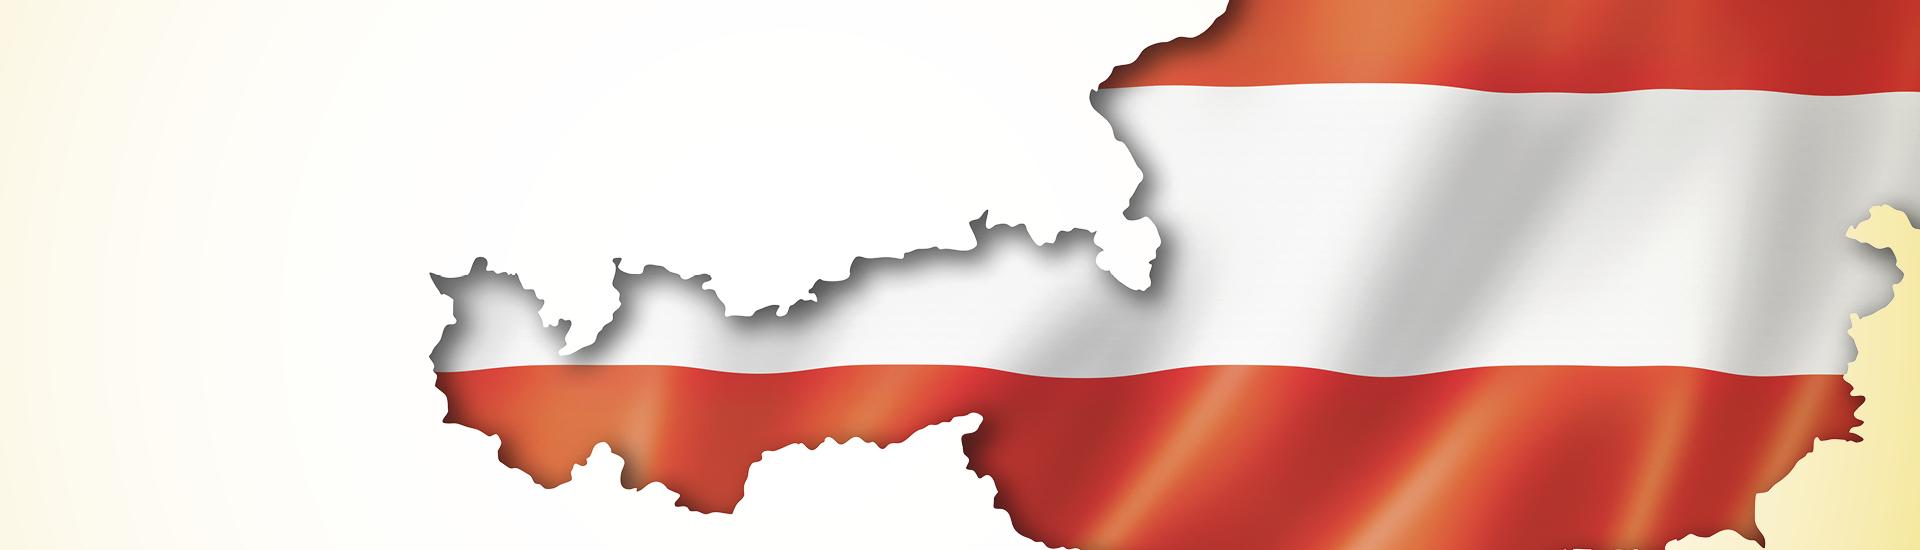 Biere - Wir feiern die österreichische Bierkultur! 09/2017 - Slider